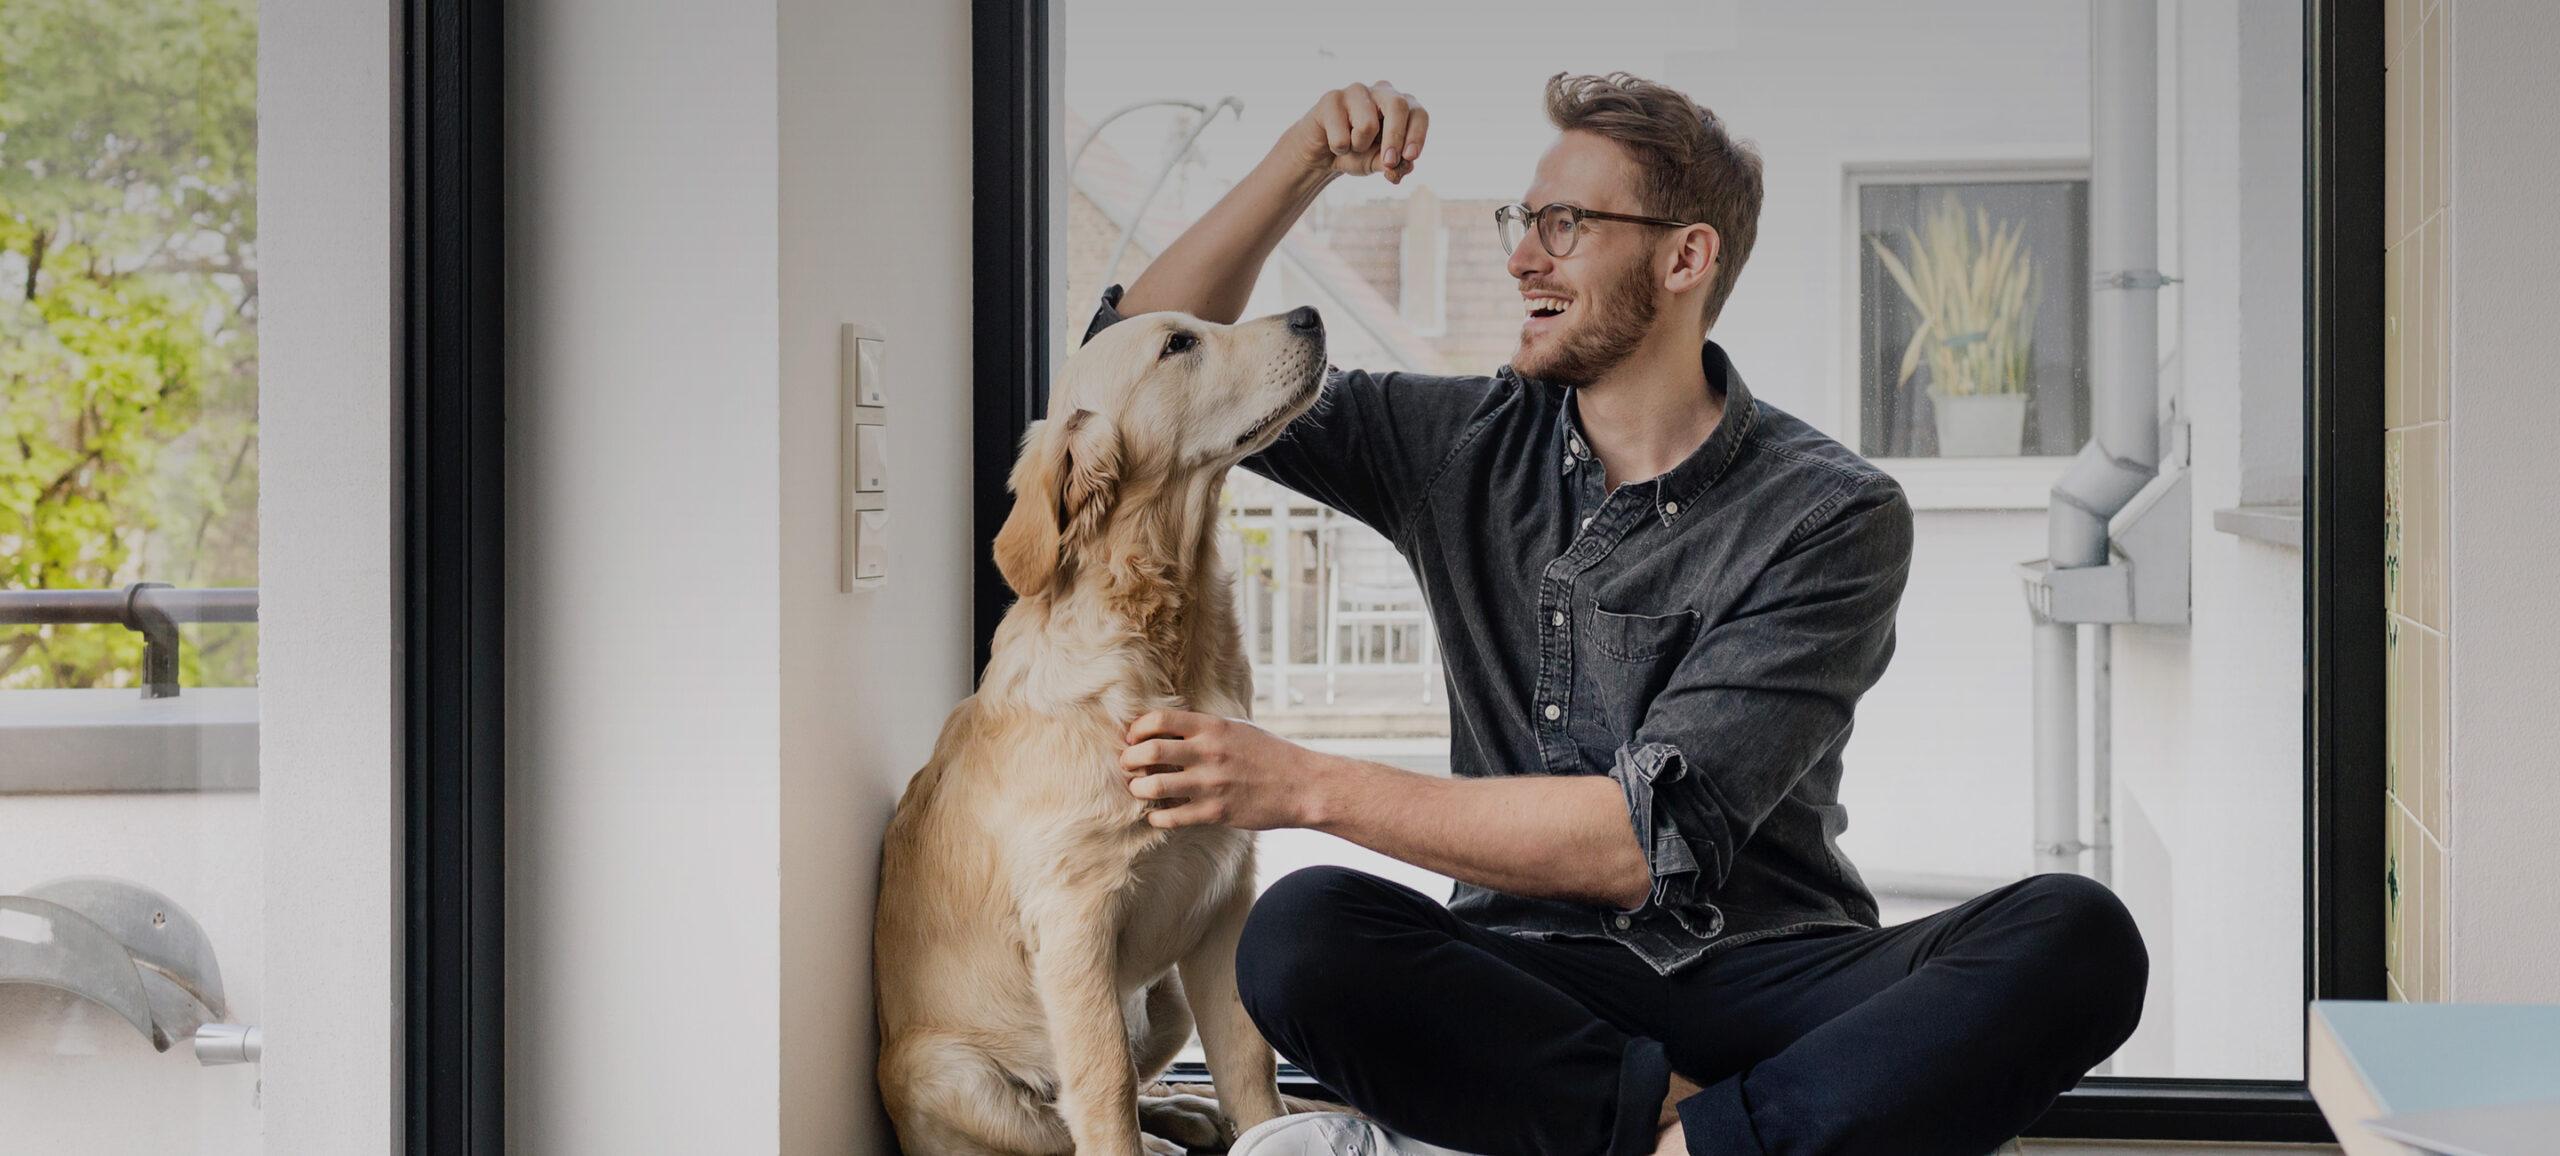 Mann und Hund sitzen vorm Fenster, Hund blickt aufmerksam zum Mann